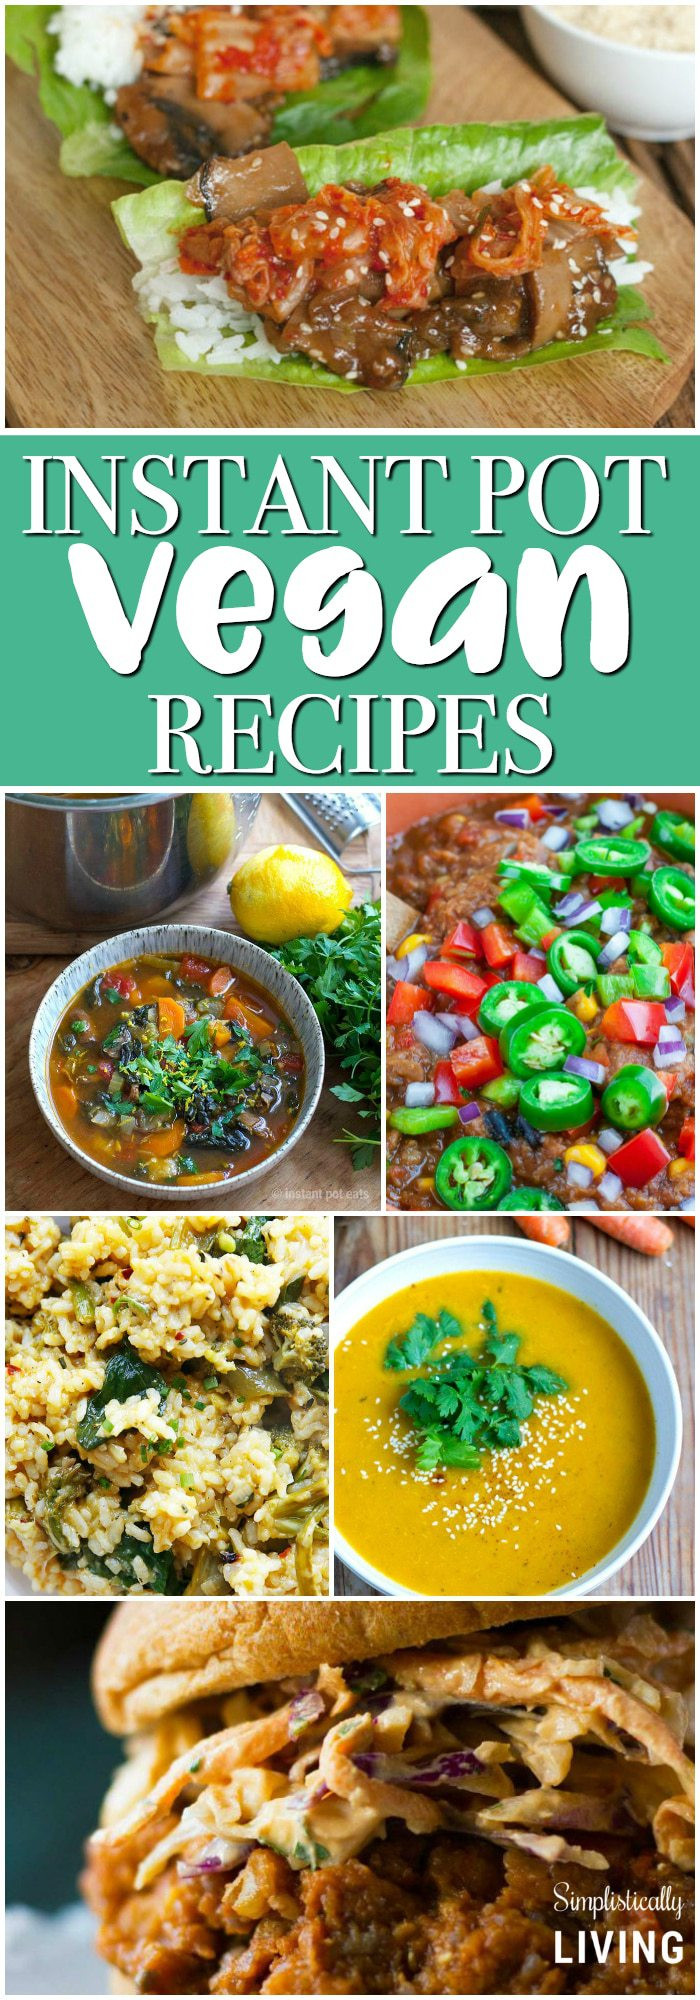 Vegan Instant Pot Recipes  Instant Pot Vegan Recipes Simplistically Living